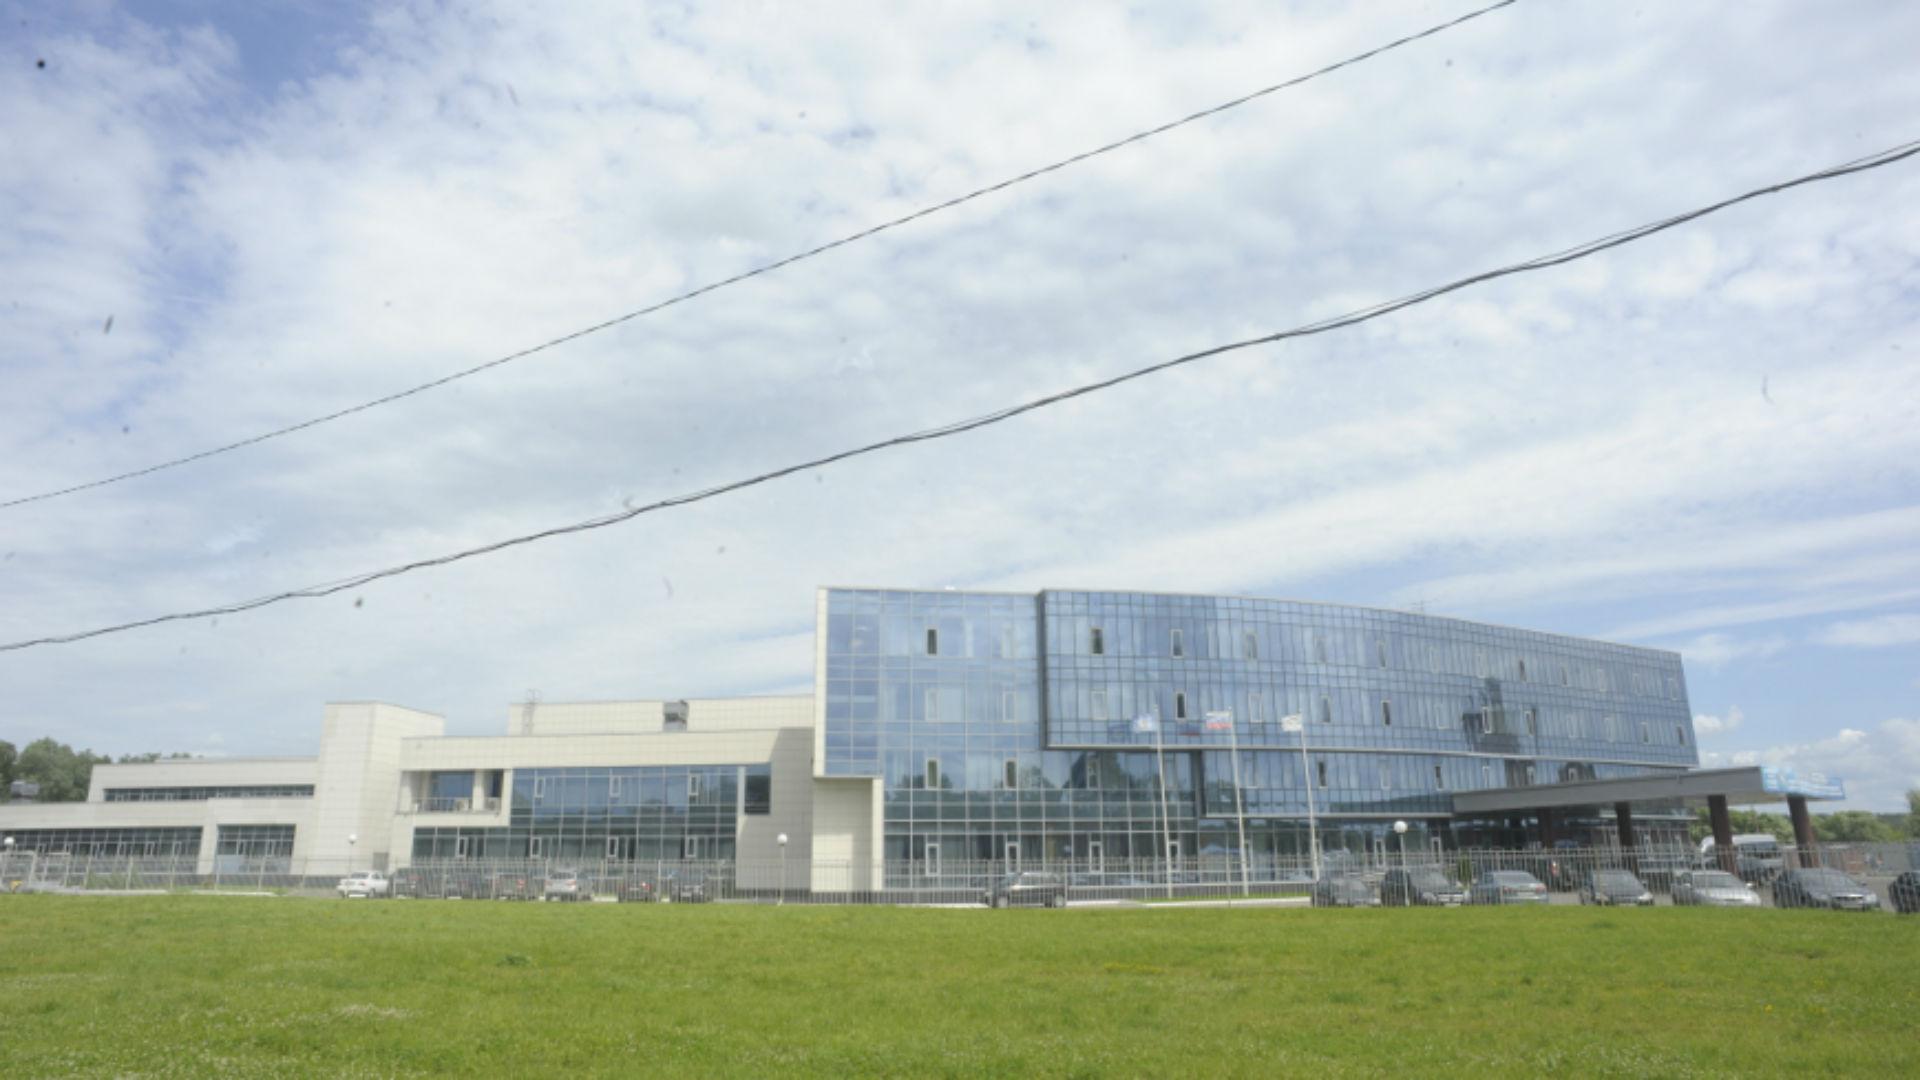 El complejo donde se hospedará la Selección argentina durante Rusia 2018